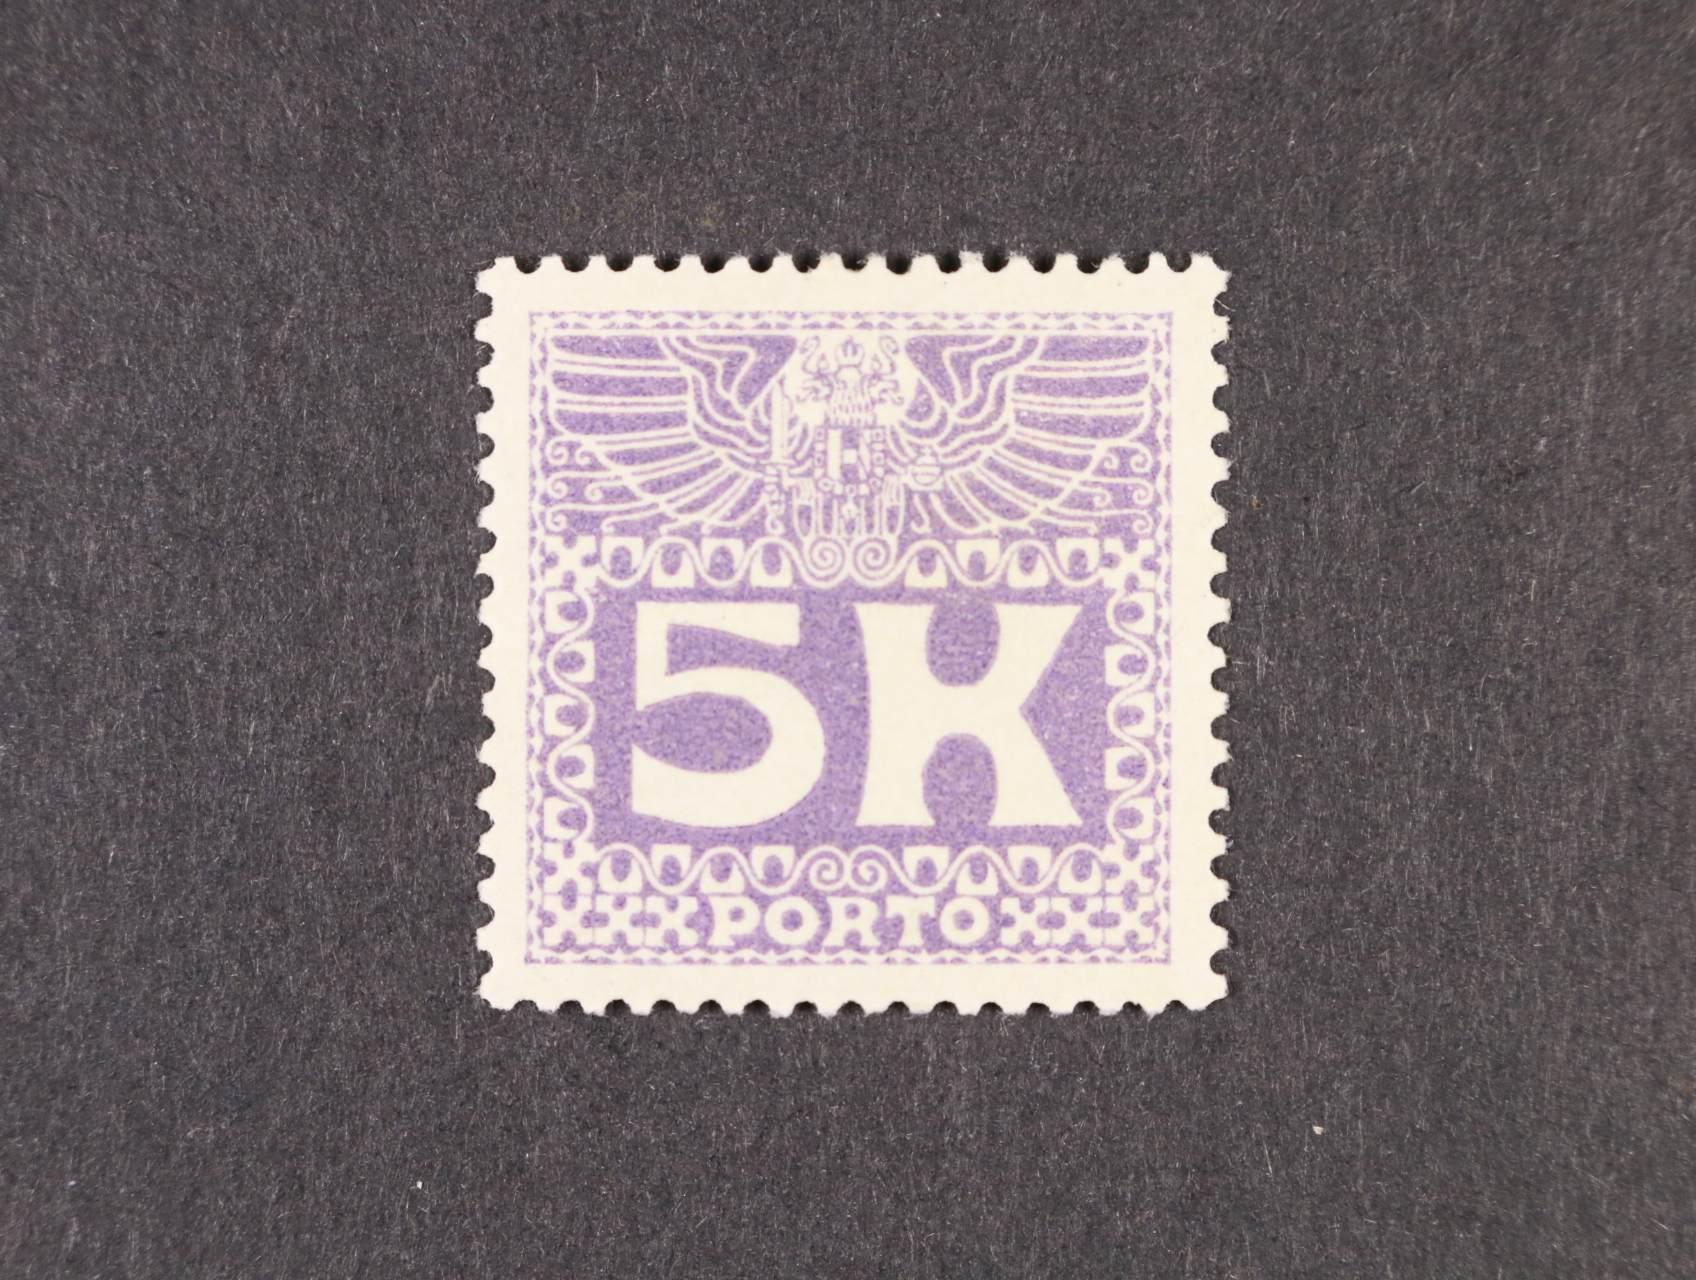 zn. PORTO Mi. č. 45 5K doplatní, tmavěfialová, kat. cena 300 EUR